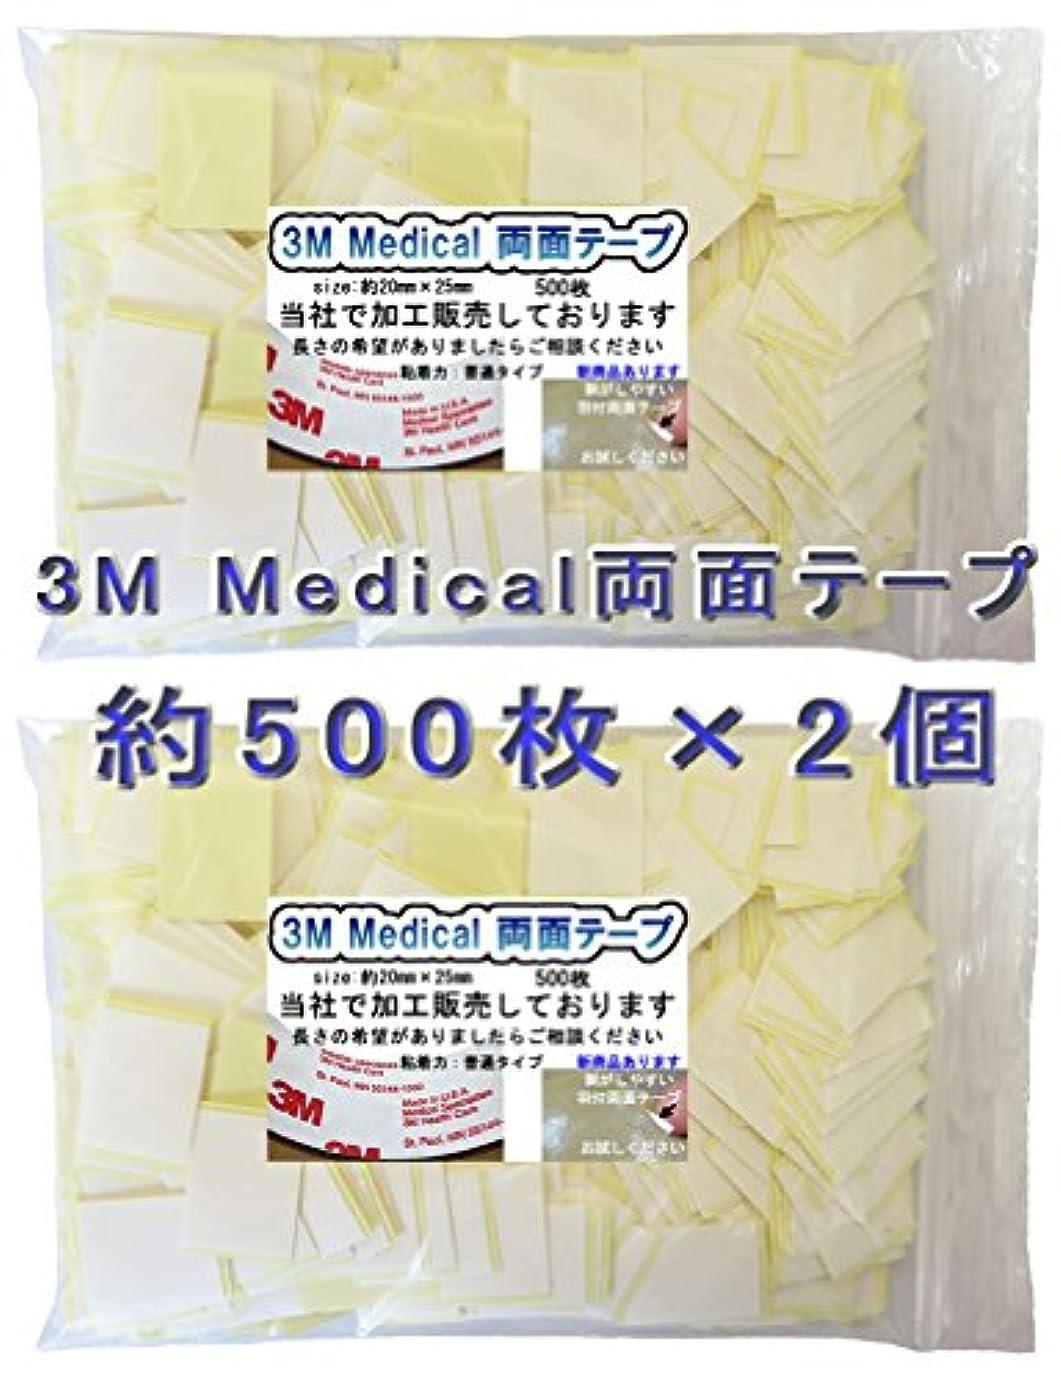 乳剤消化マオリ《アイデア商品》2cmカットテープ約1,000枚D